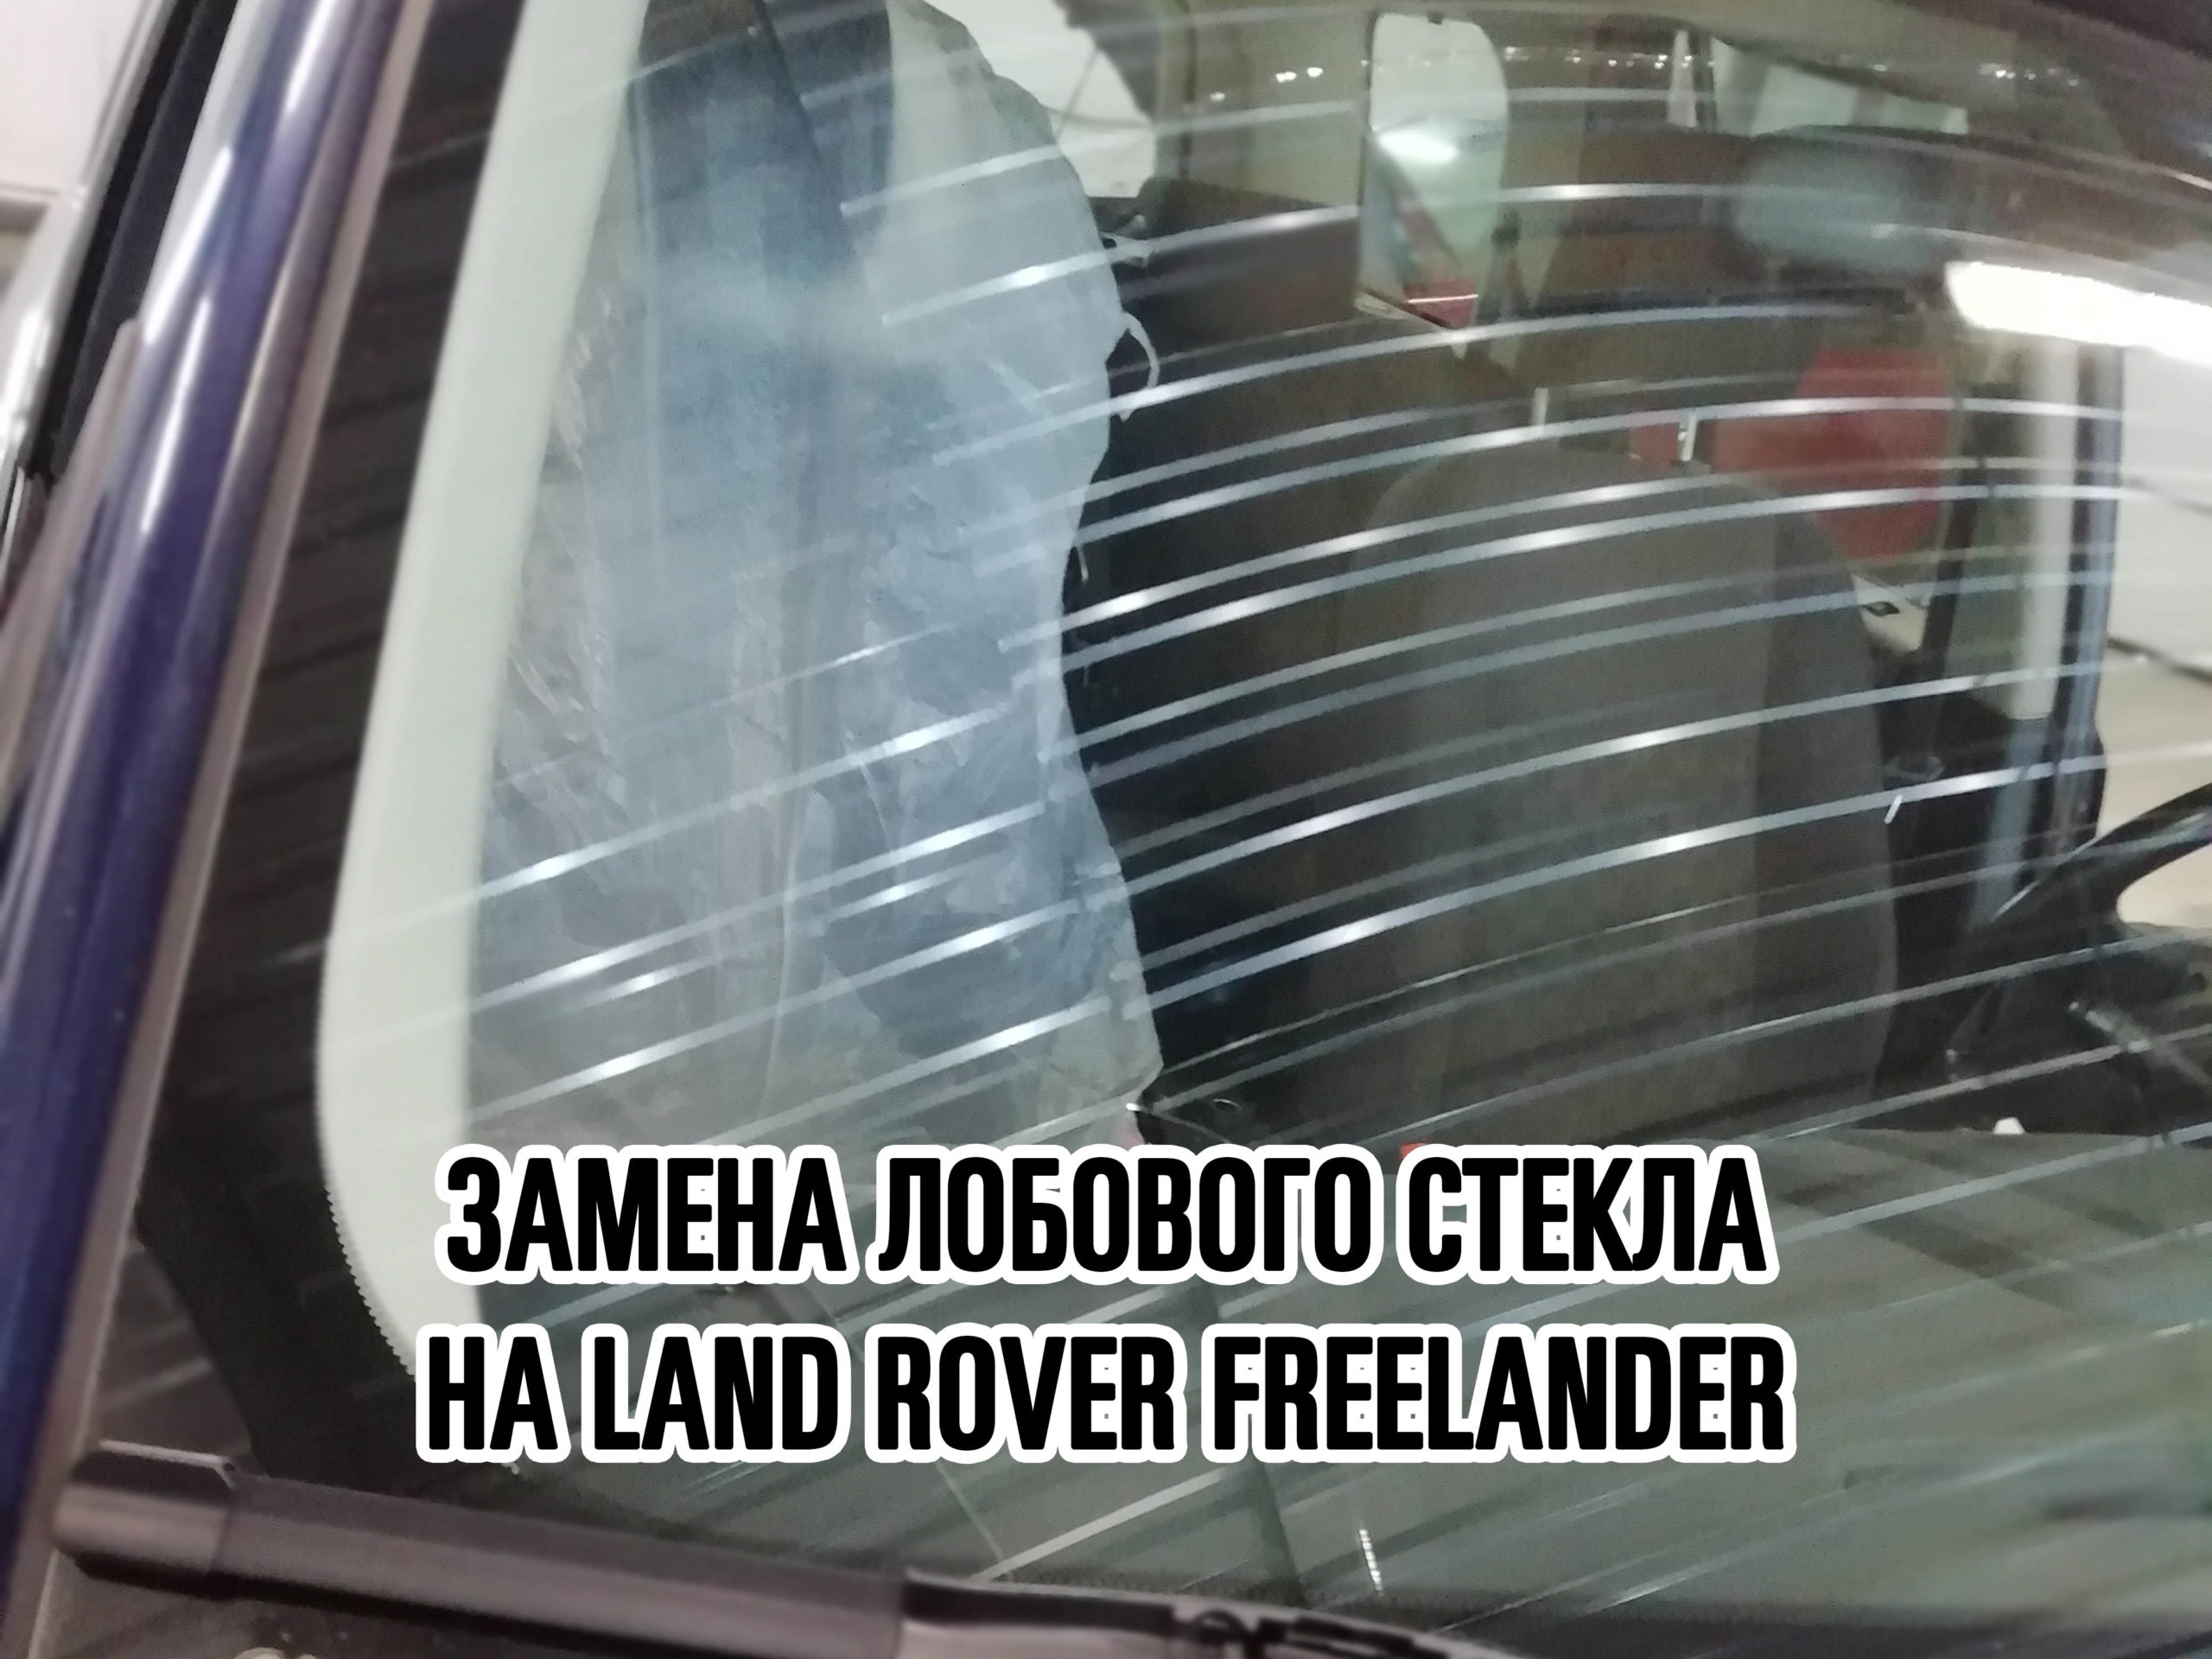 Лобовое стекло на Land Rover Freelander купить и установить в Москве